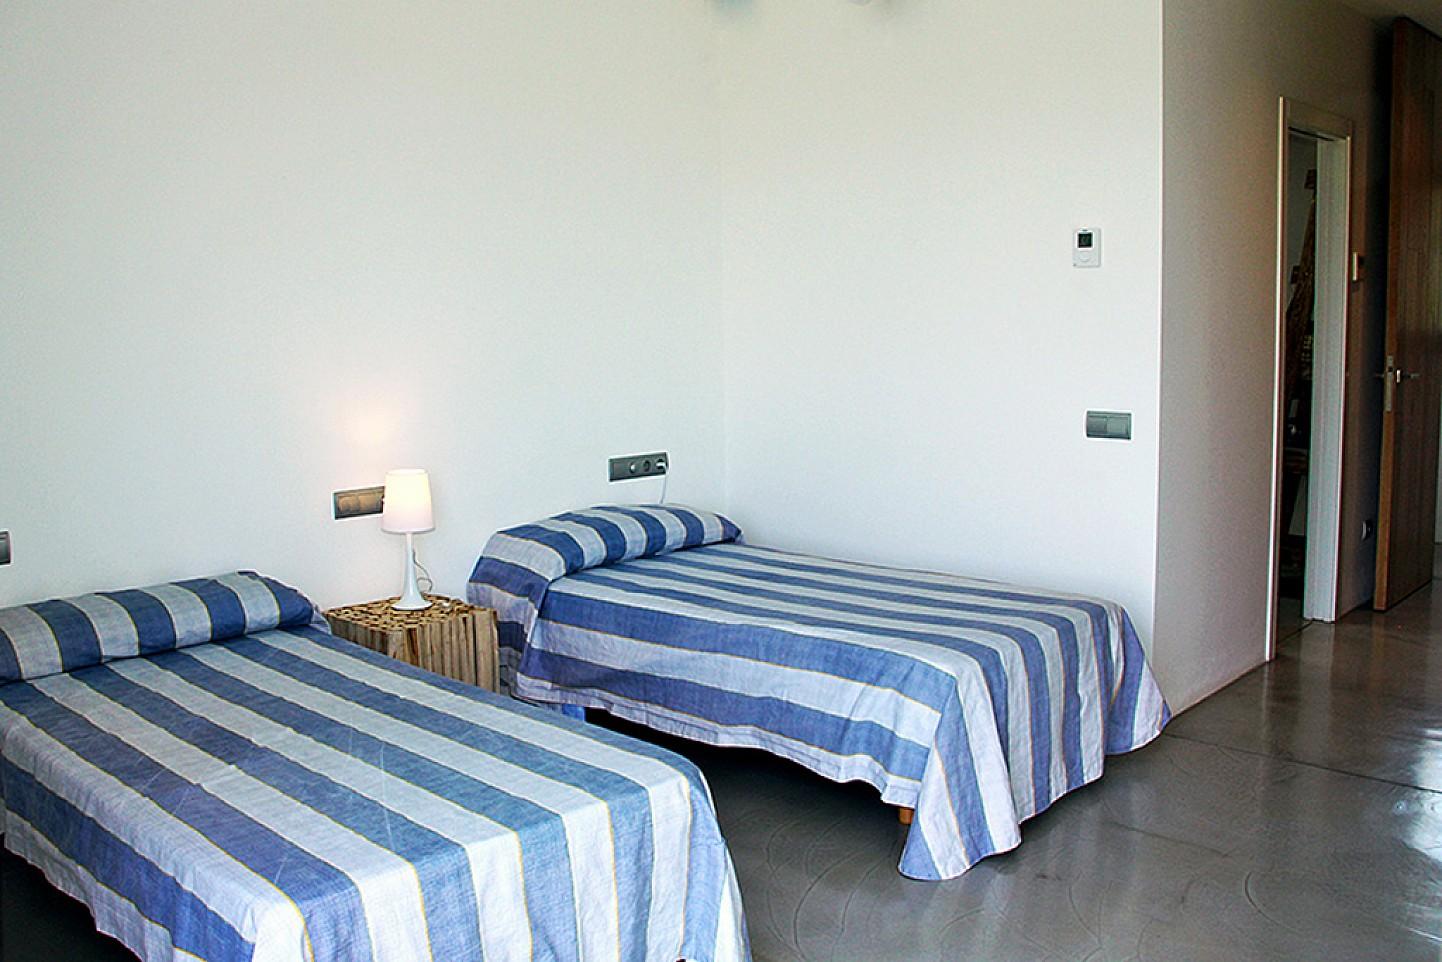 Просторная спальня виллы в Далт Вилла